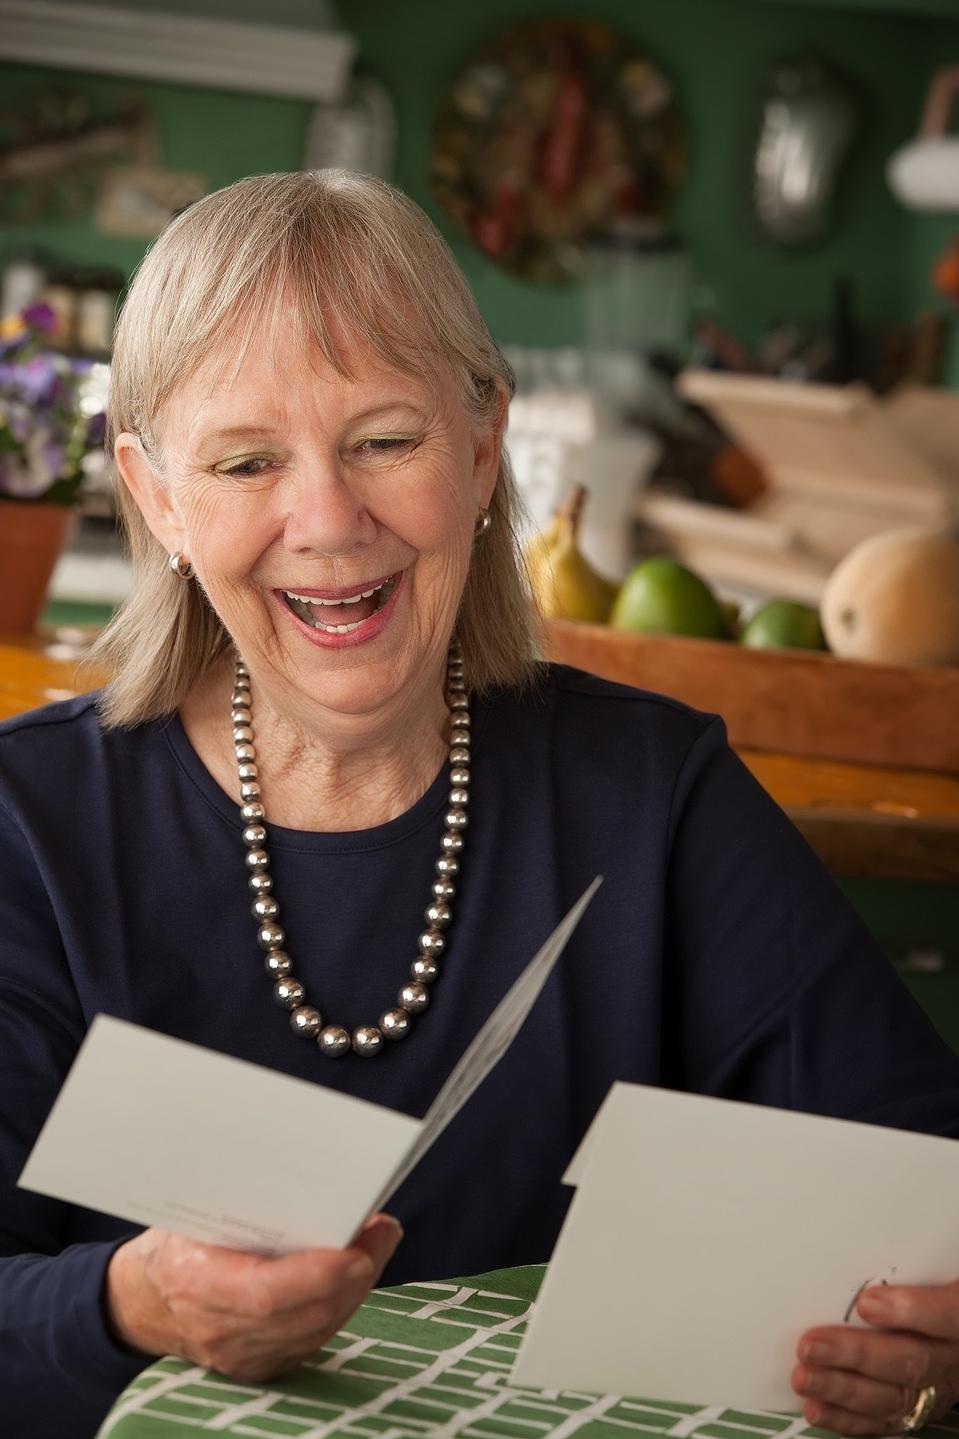 Mujer sonriente mirando una tarjeta de alguien que le gusta